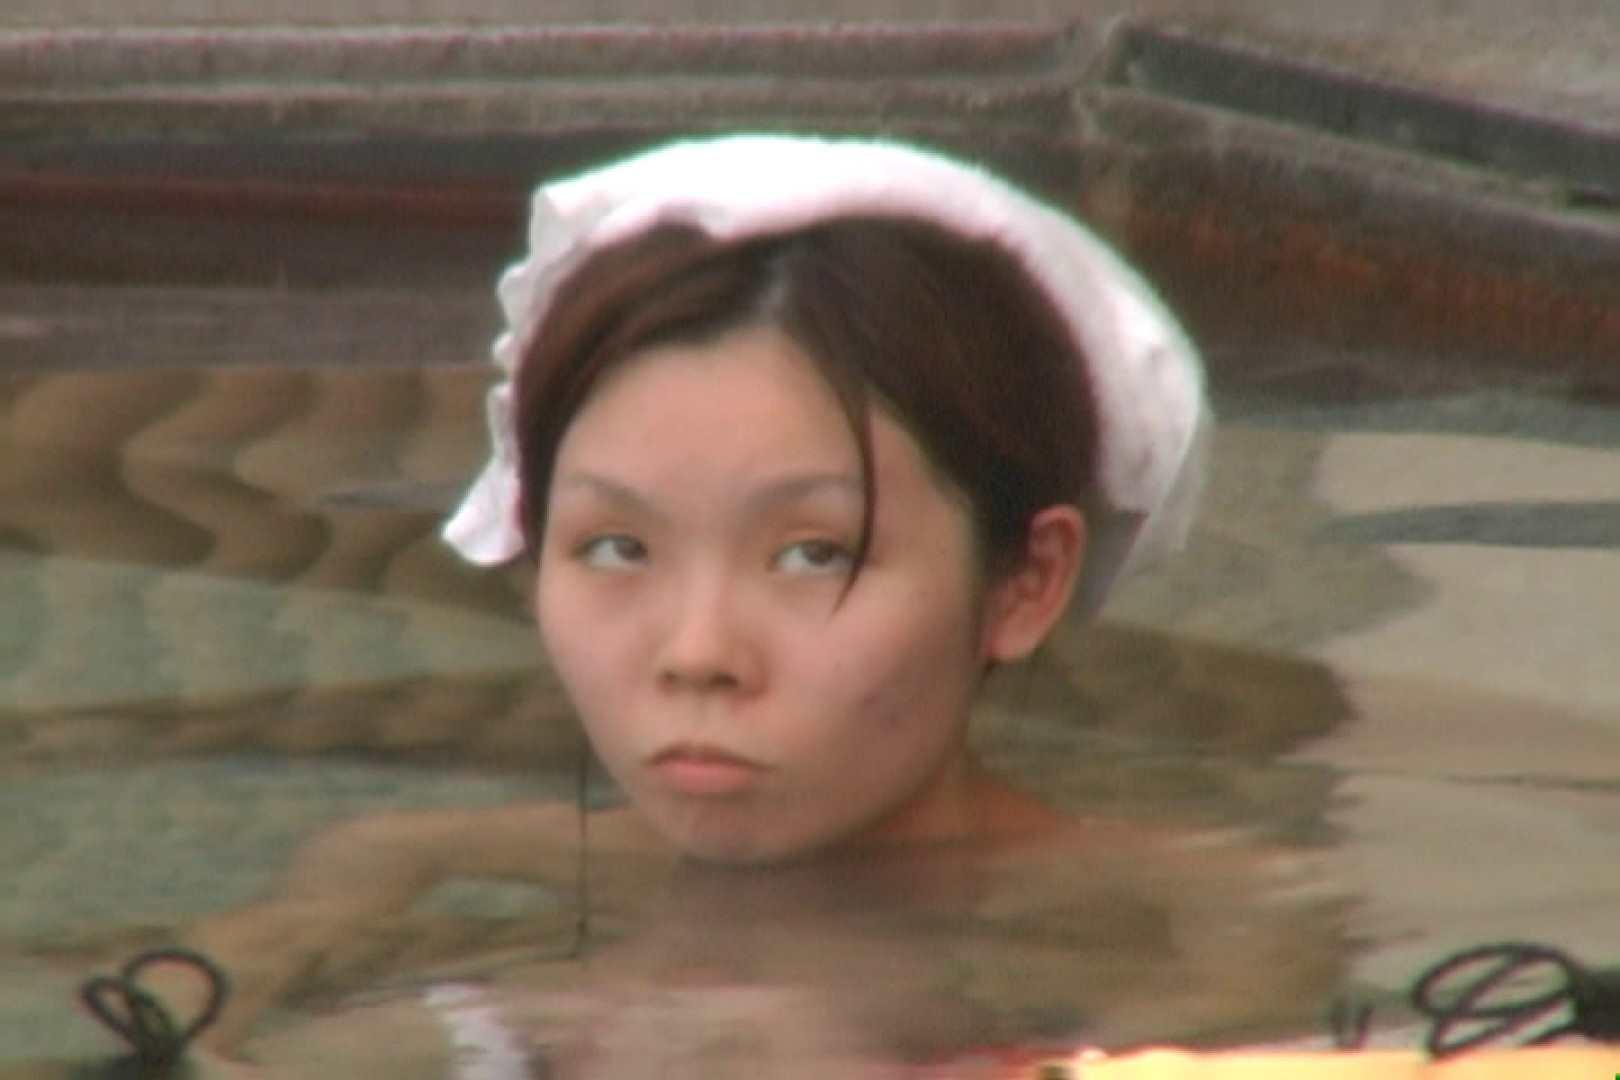 Aquaな露天風呂Vol.580 0   0  103pic 13